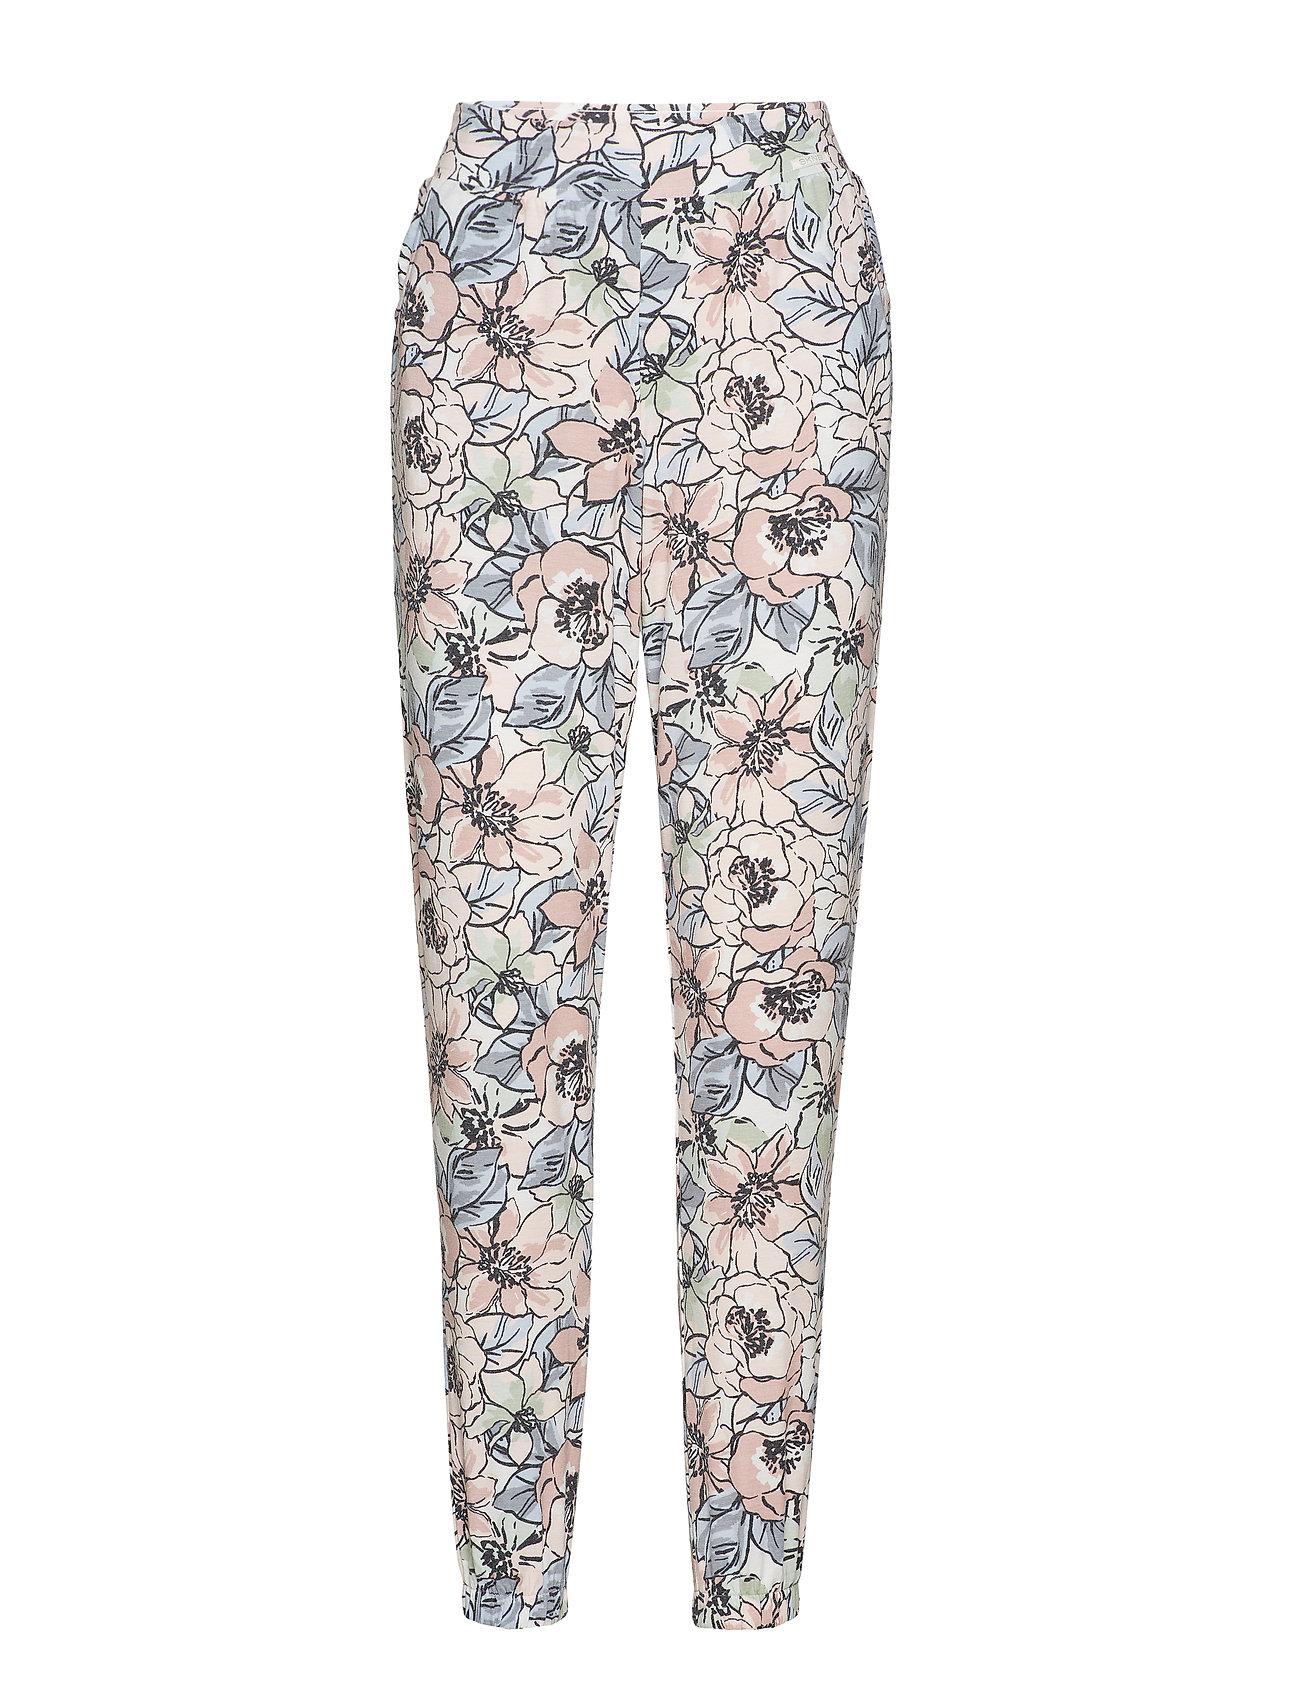 Skiny L. pant long - MAUVE FLOWER